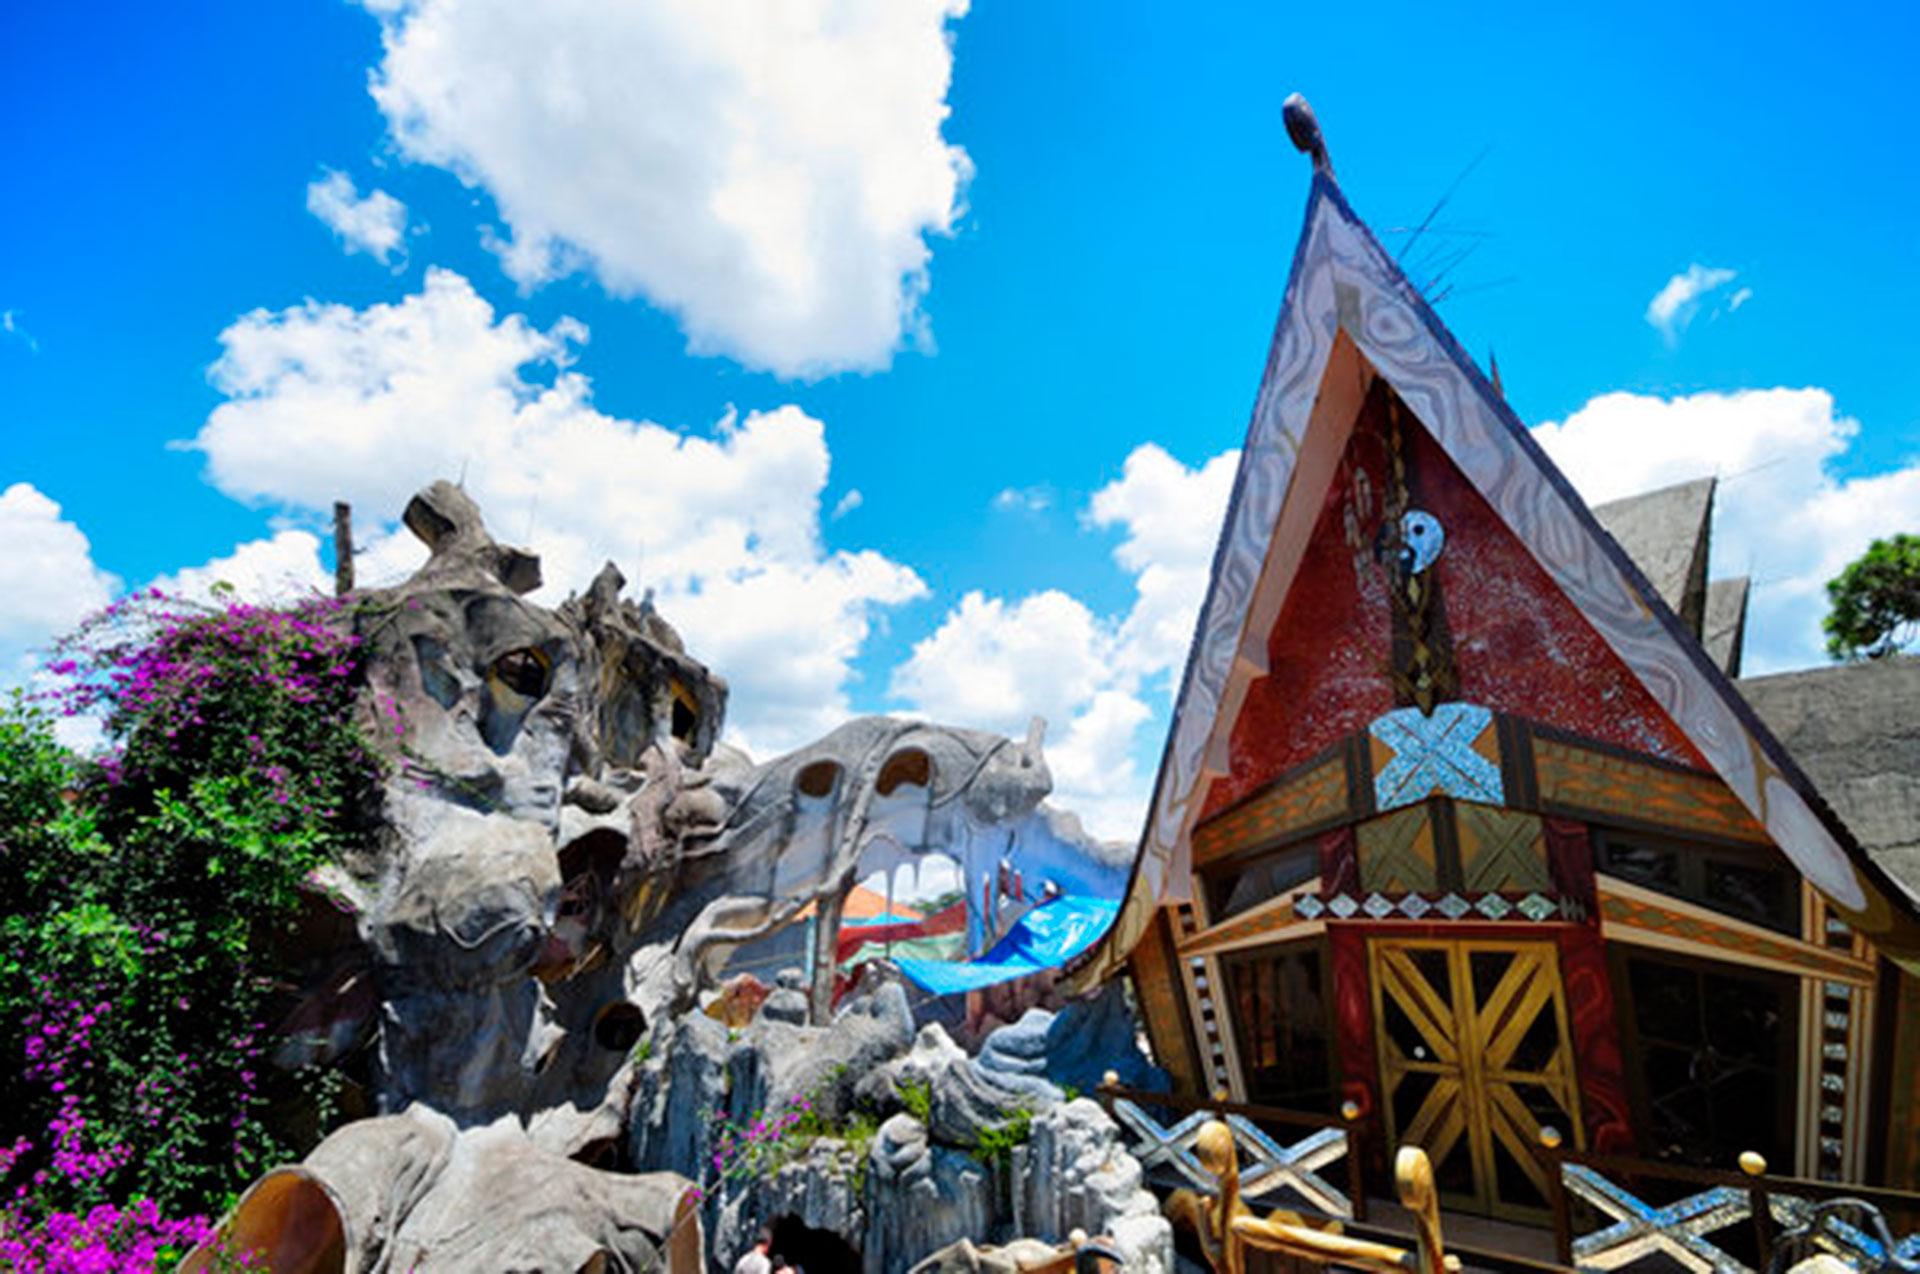 Hang Nga Guesthouse (Da Lat, Vietnam). Se lo conoce como La casa loca por su particular arquitectura, inspirada en la obra del catalán Antoni Gaudí